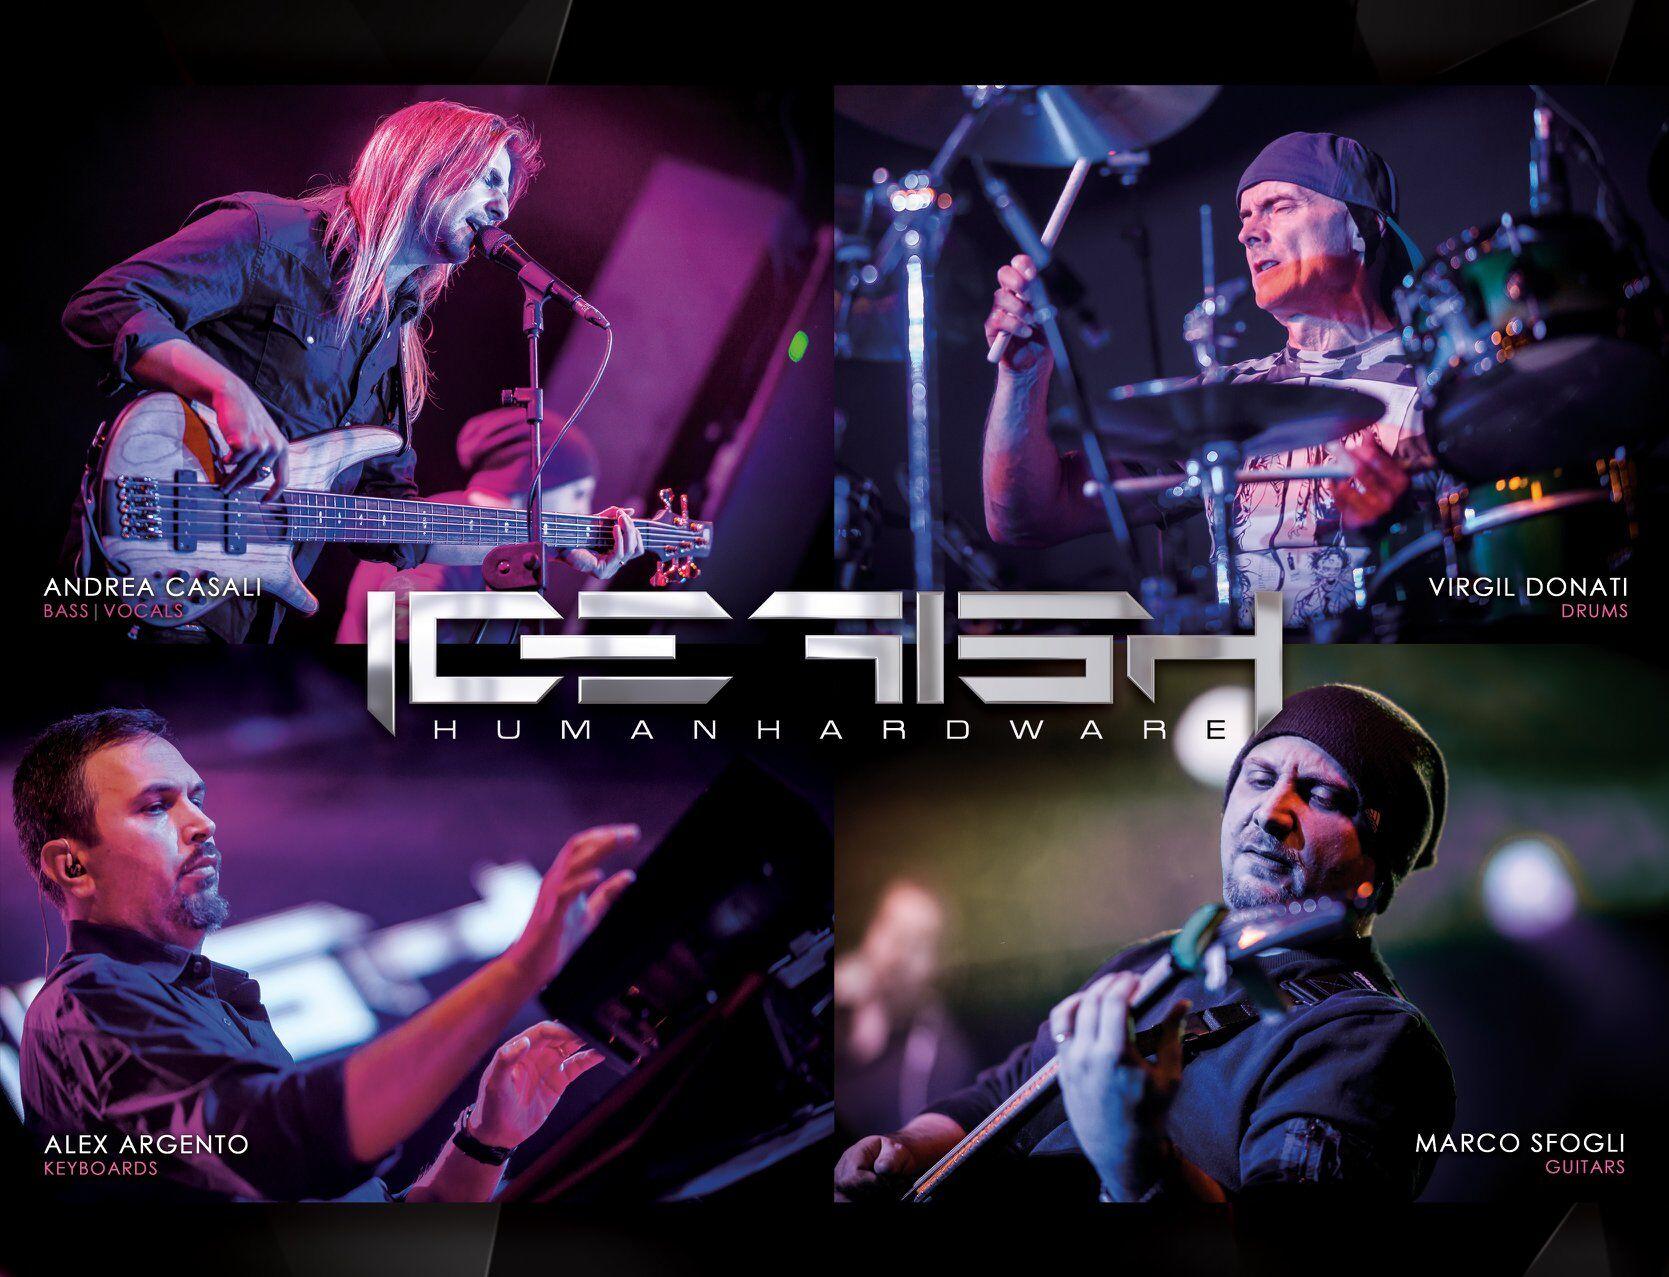 Icefish band image